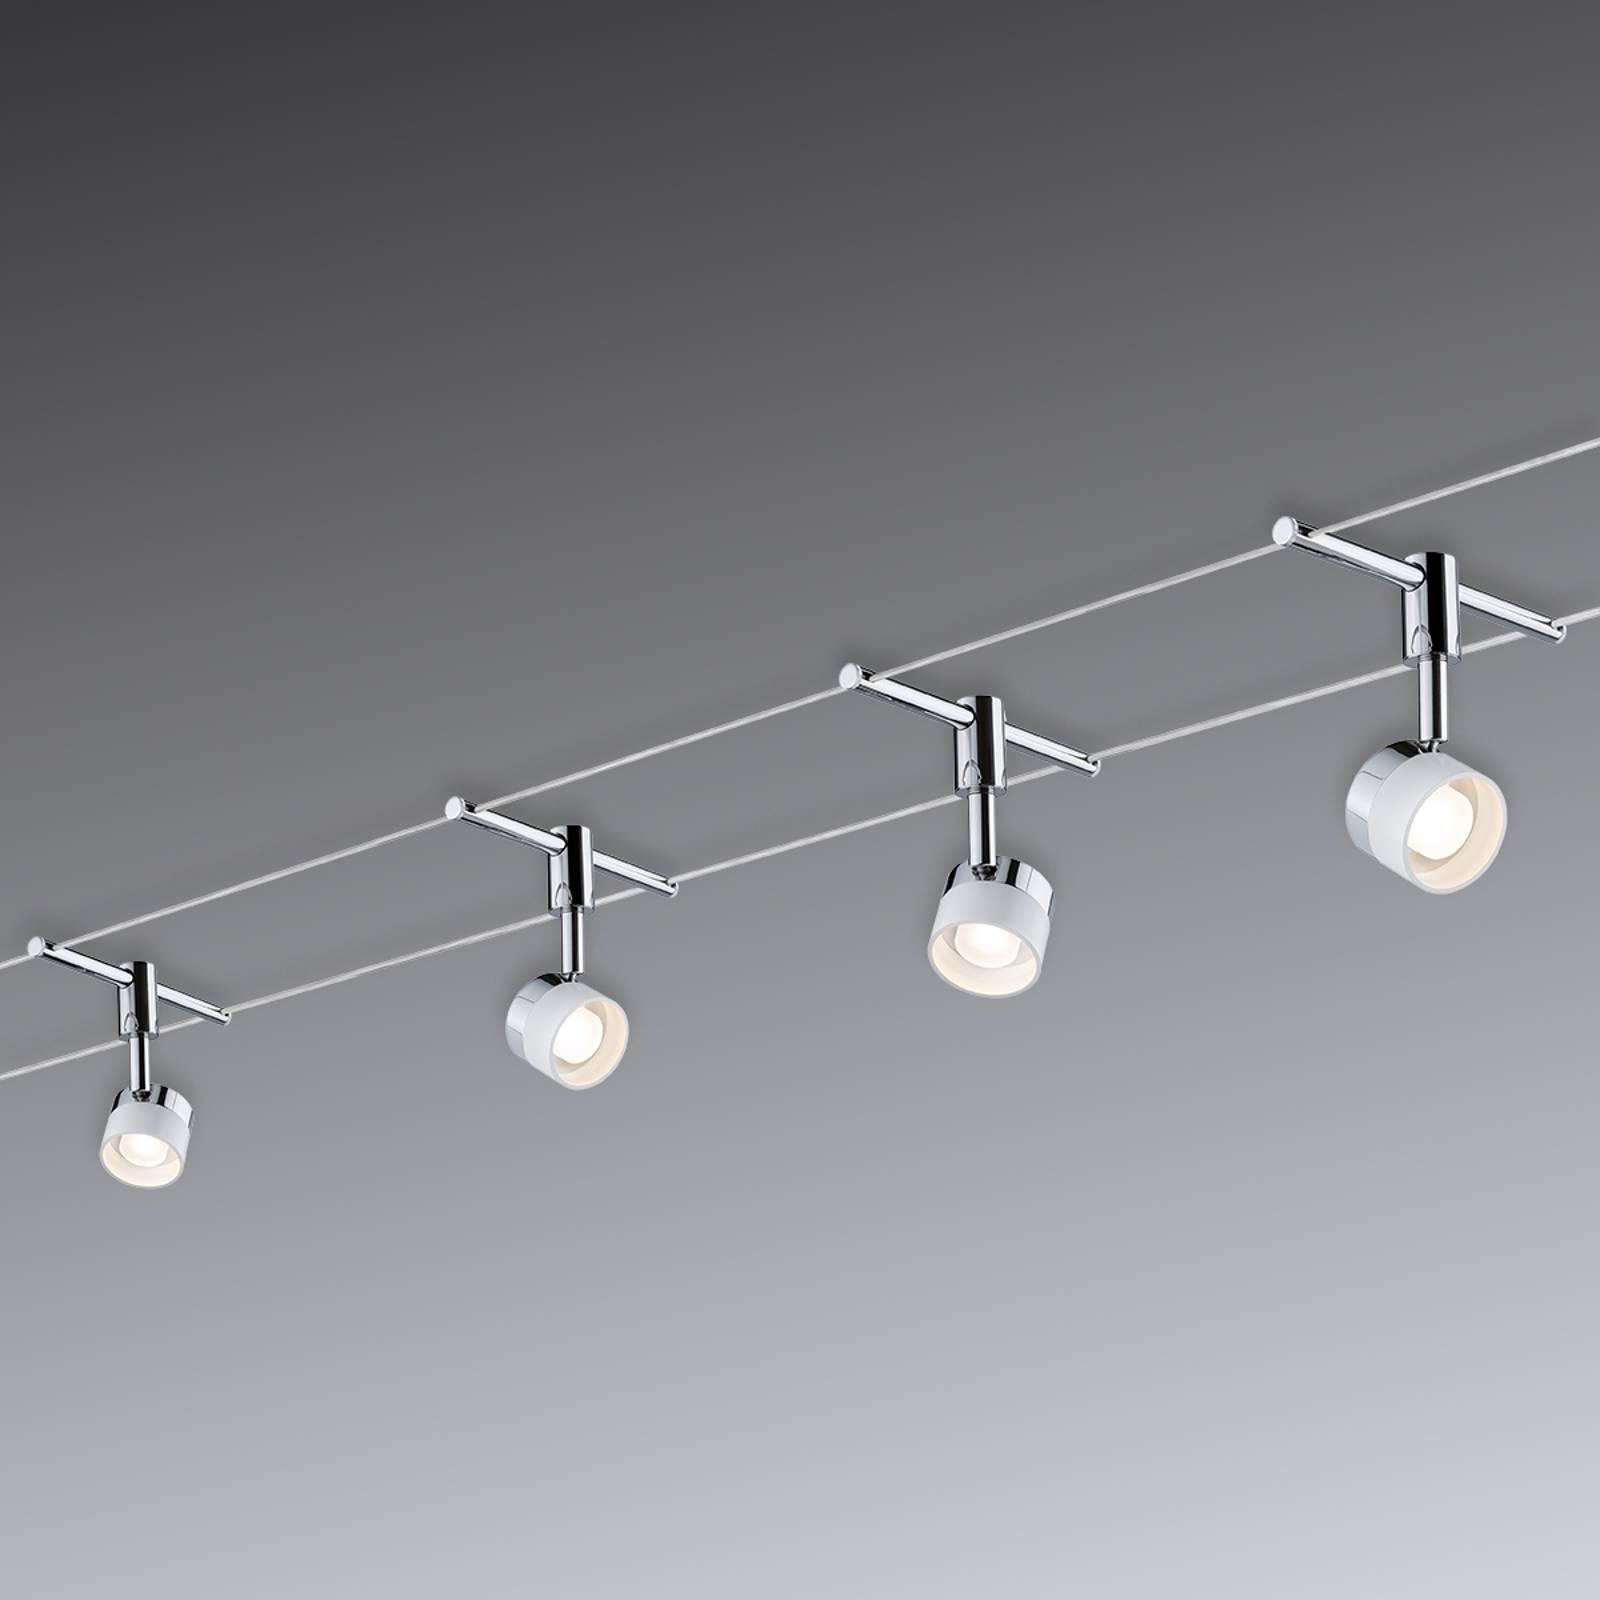 Paulmann 94080 Lankové systémy osvětlení